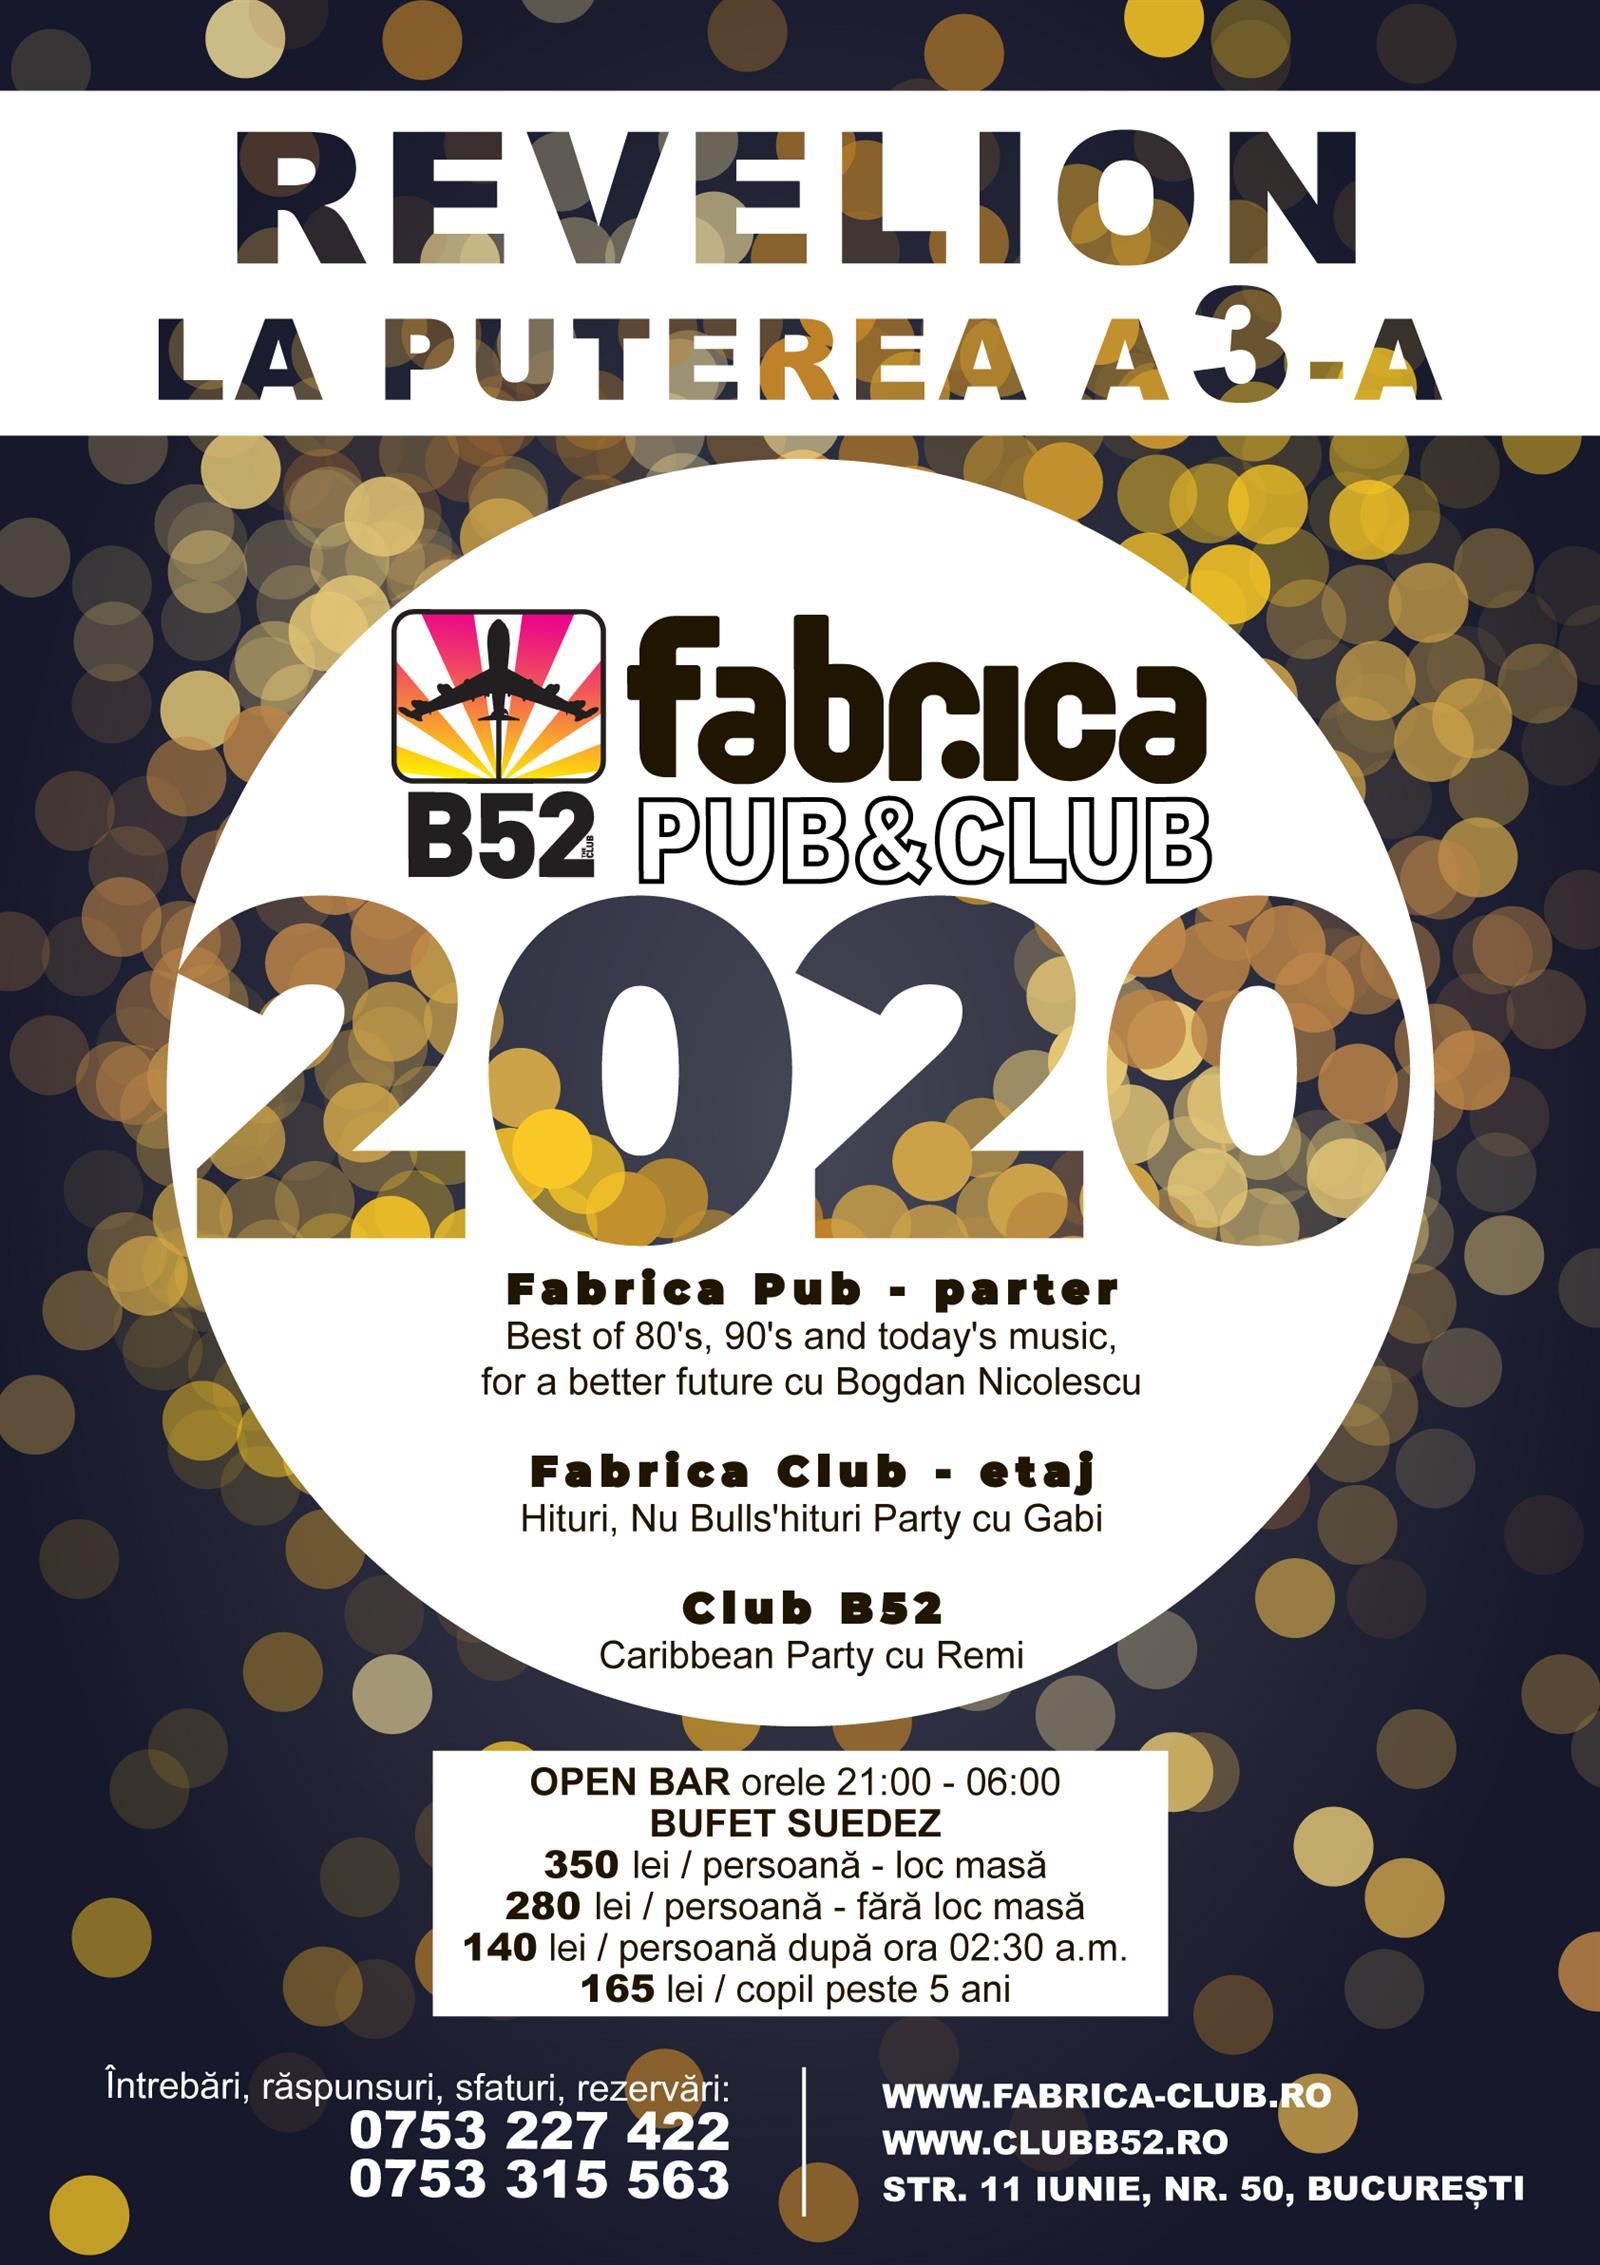 Petrecere revelion 2020 Club B52 Fabrica